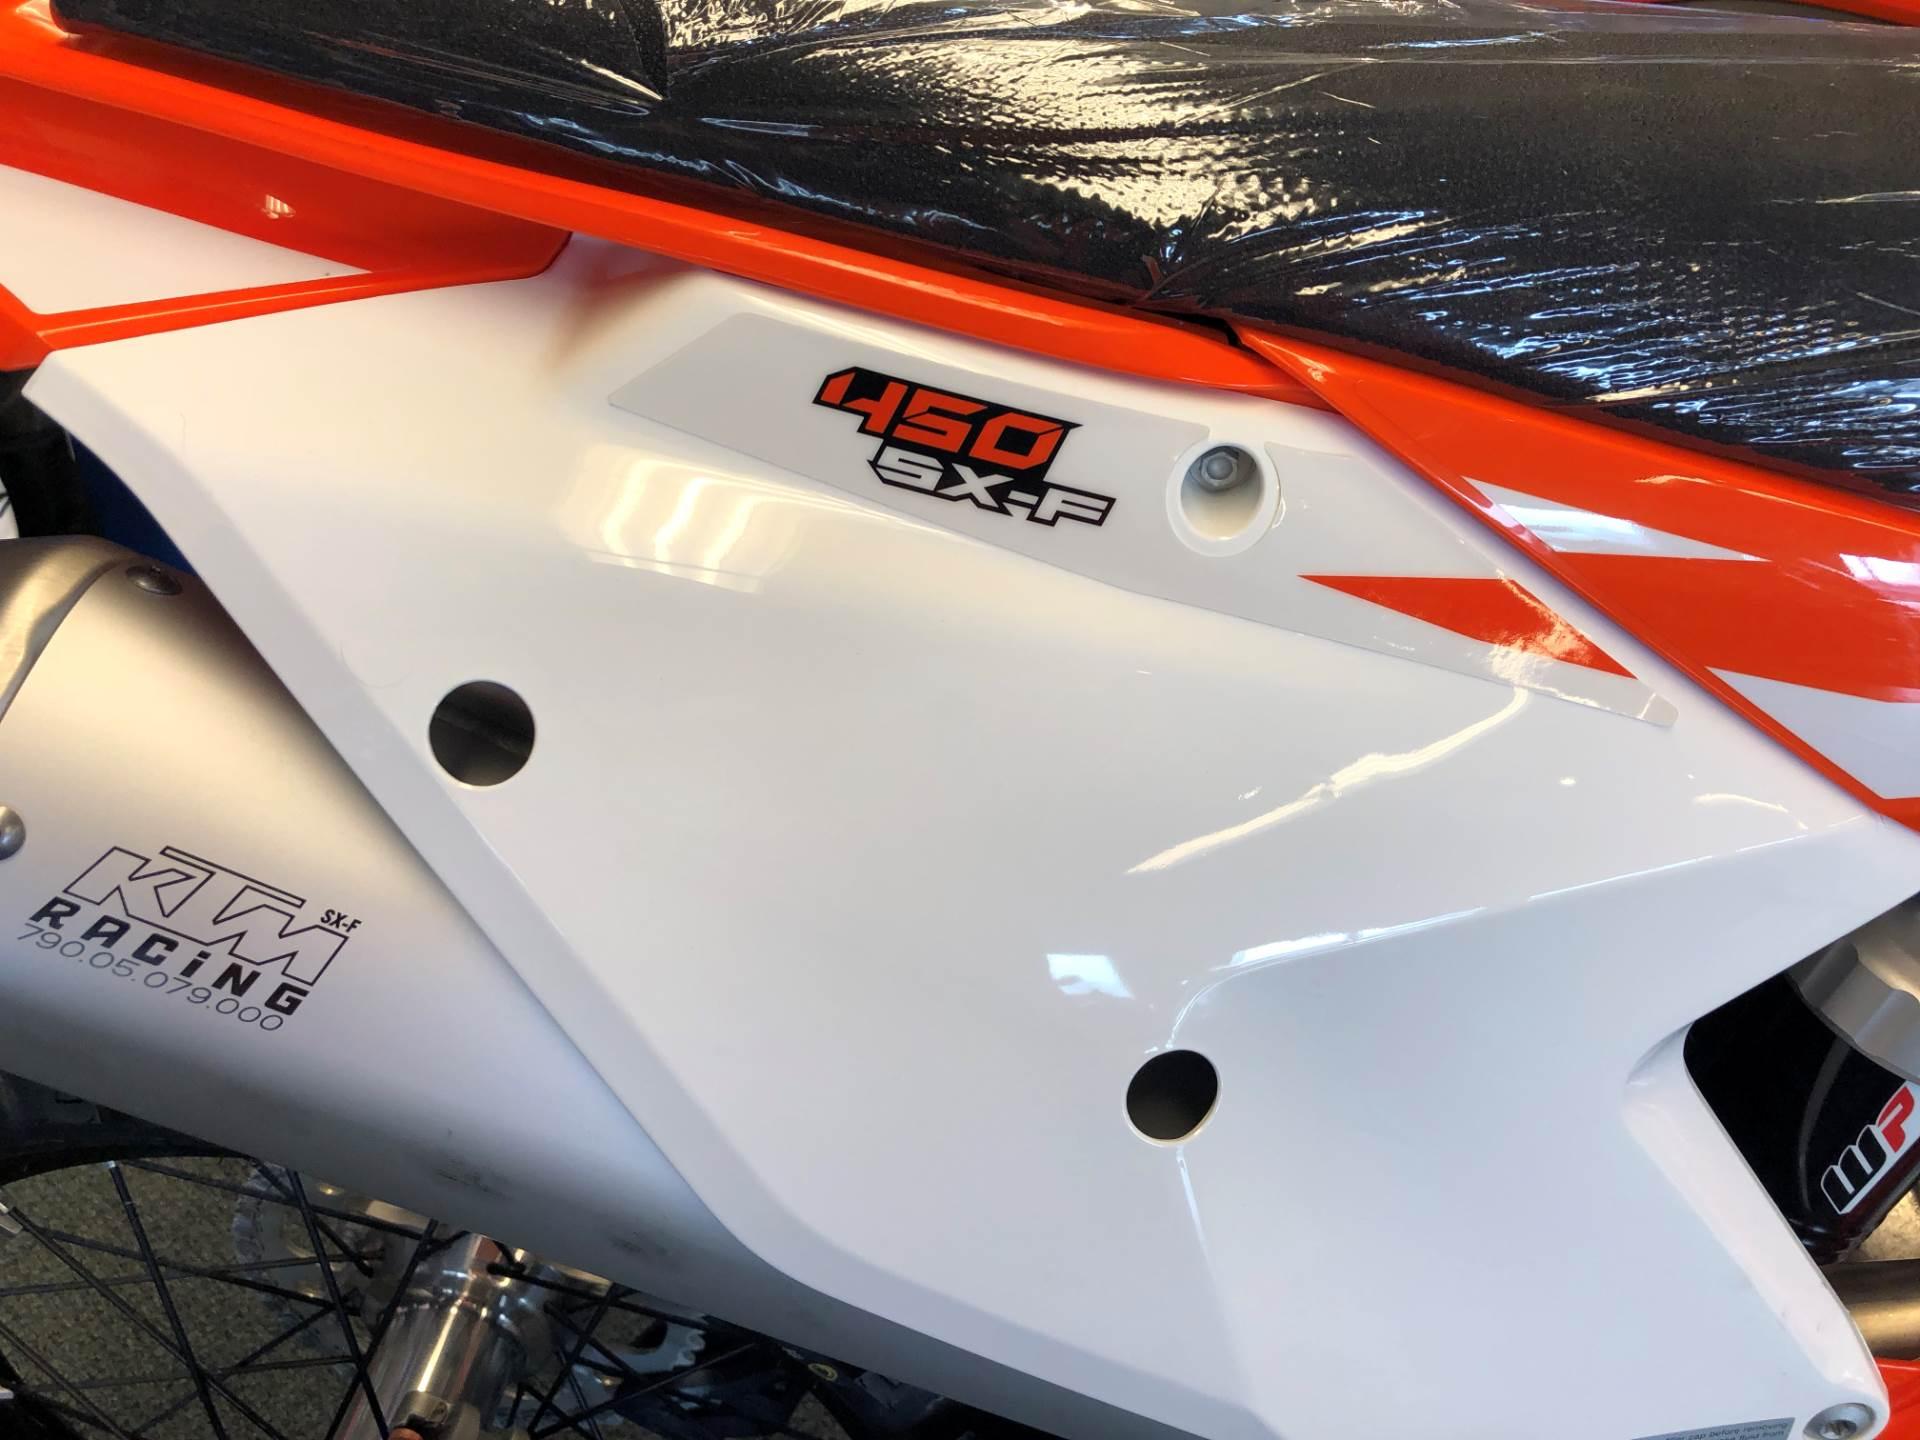 2018 KTM 450 SX-F 2